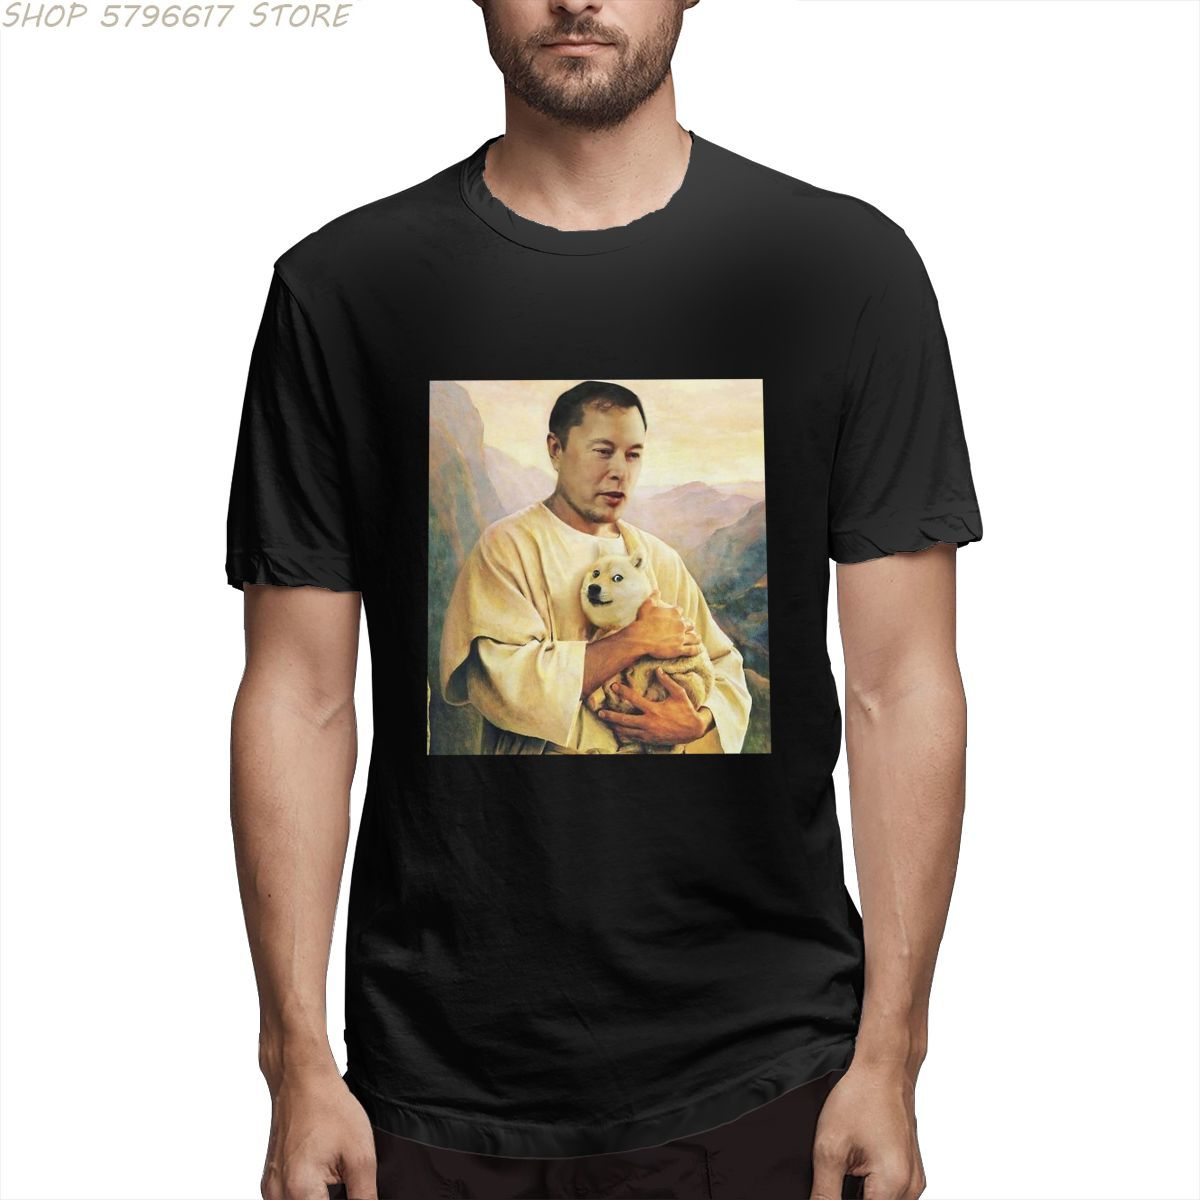 Илона маска дожкойн мем живопись для мужчин юмор футболка с круглым вырезом и короткими рукавами, летняя одежда из хлопка